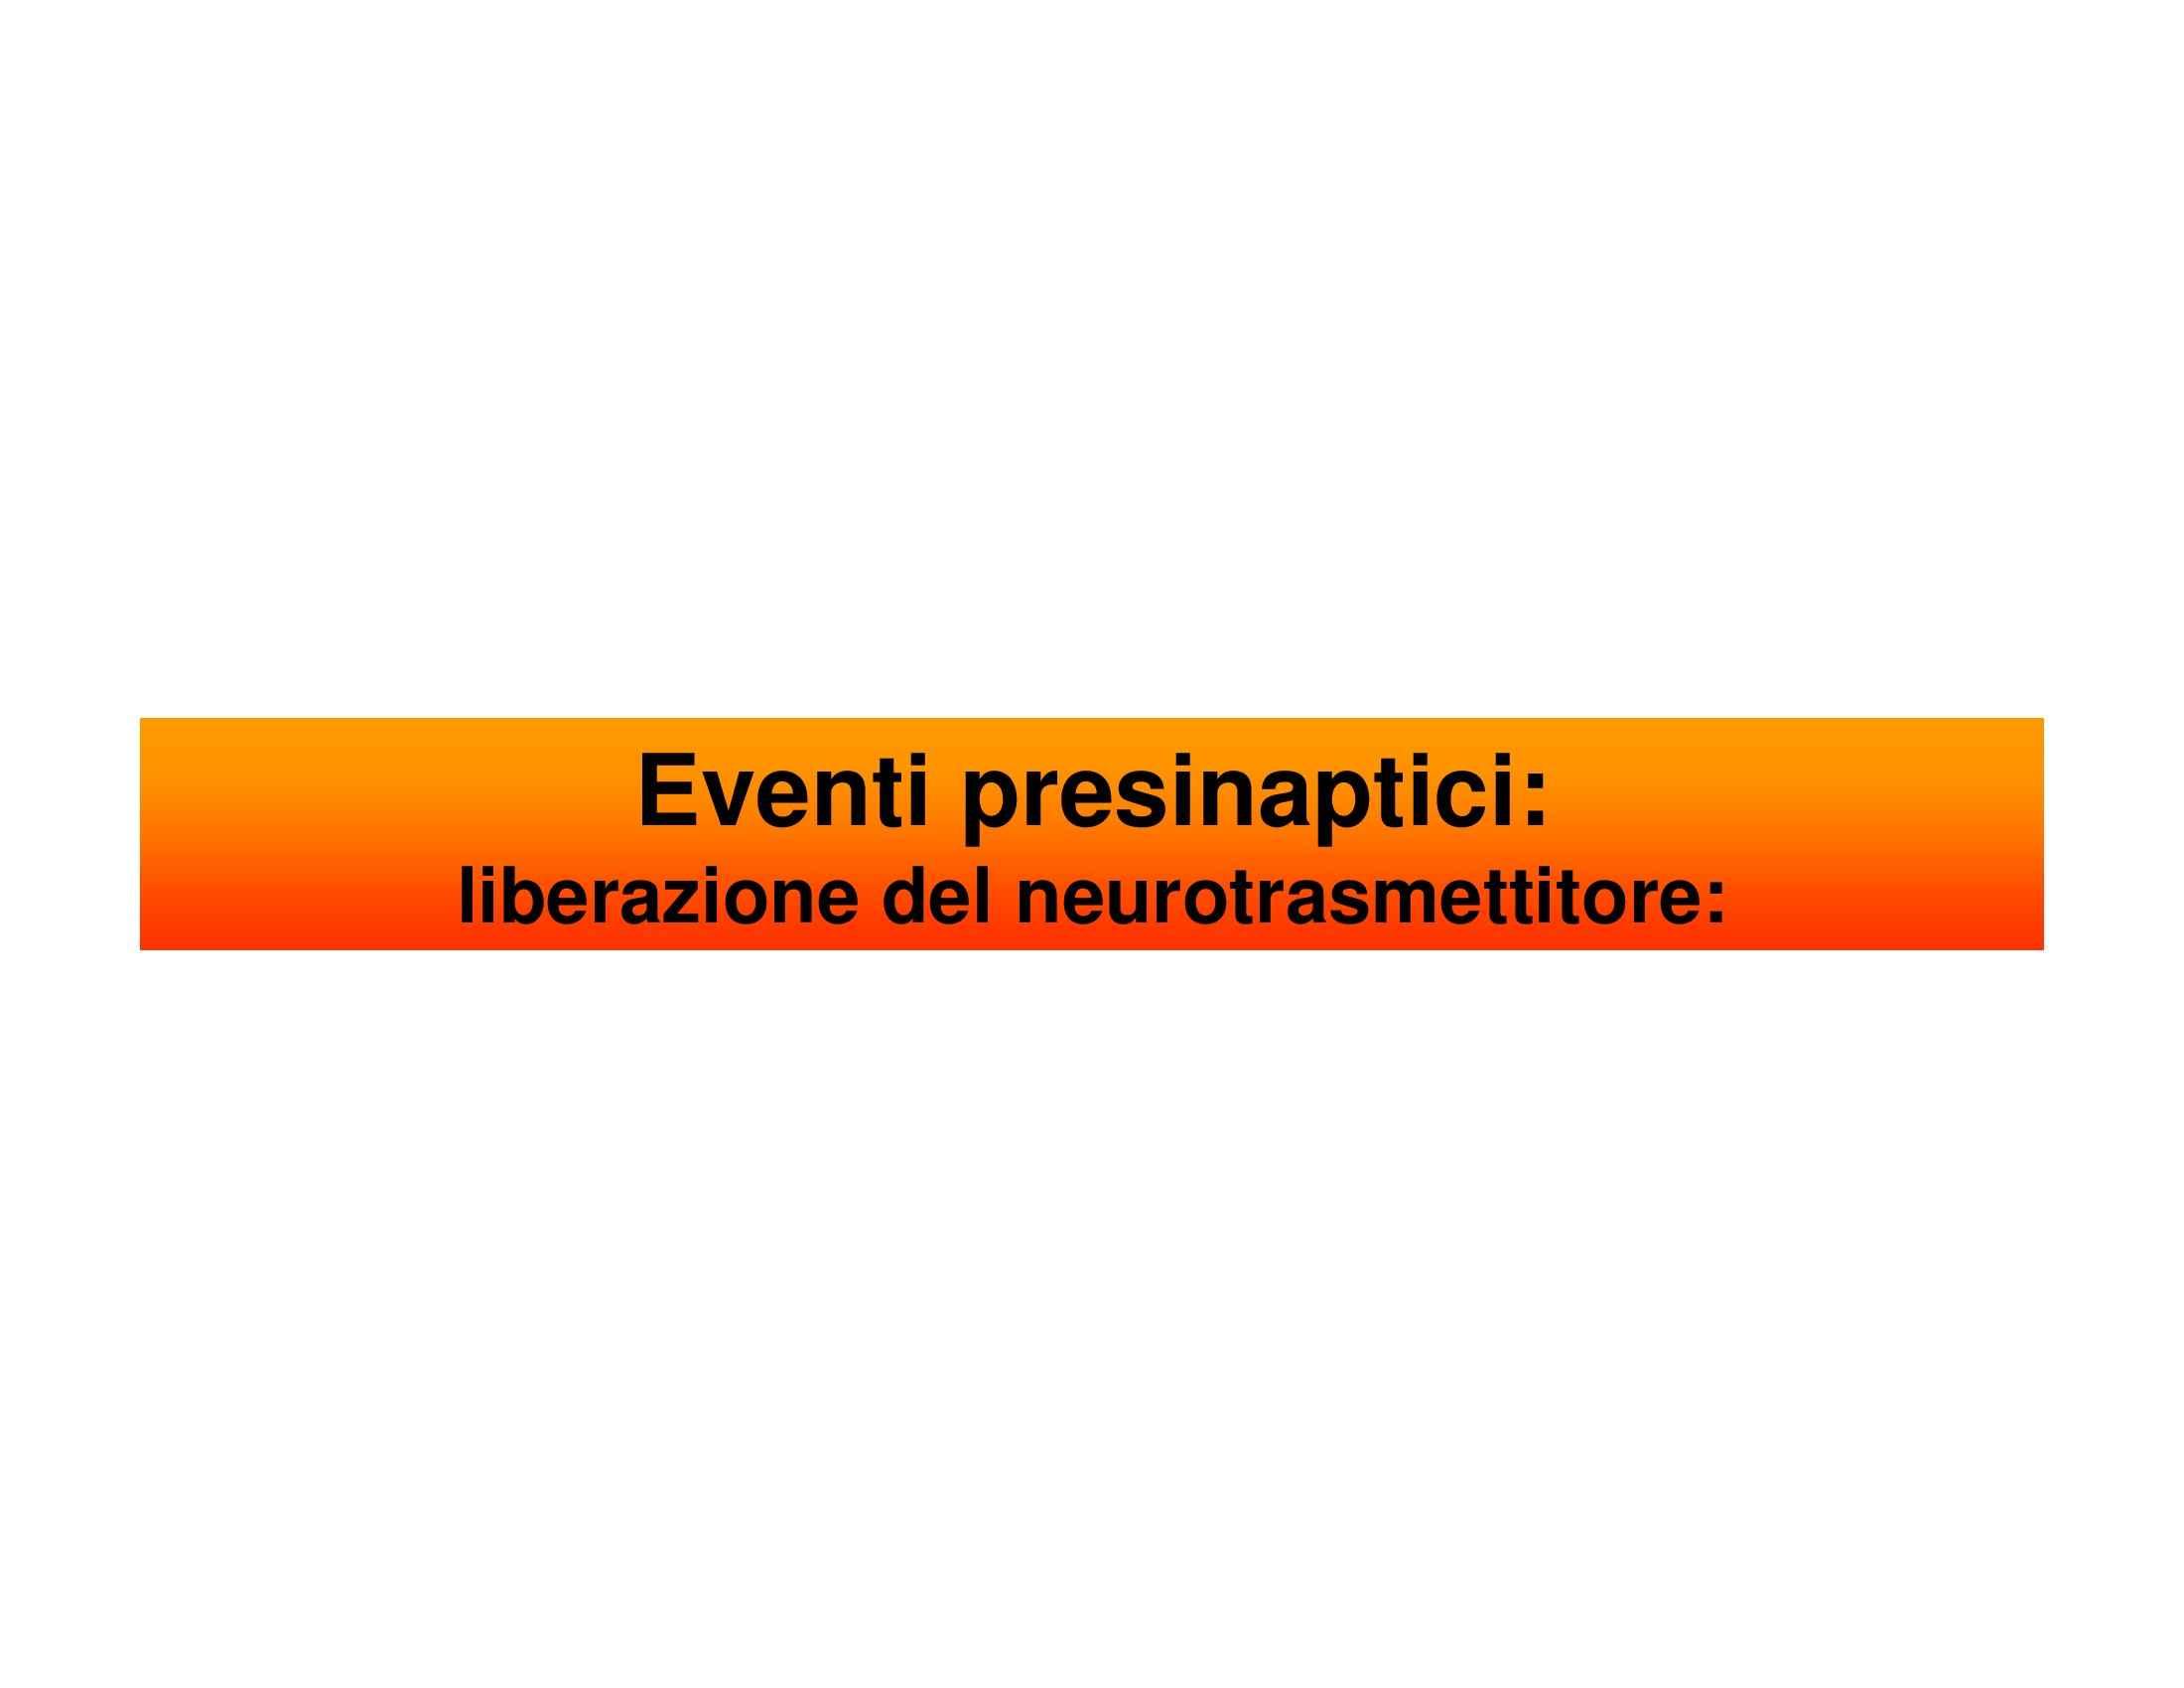 Eventi presinaptici - Fisiologia I